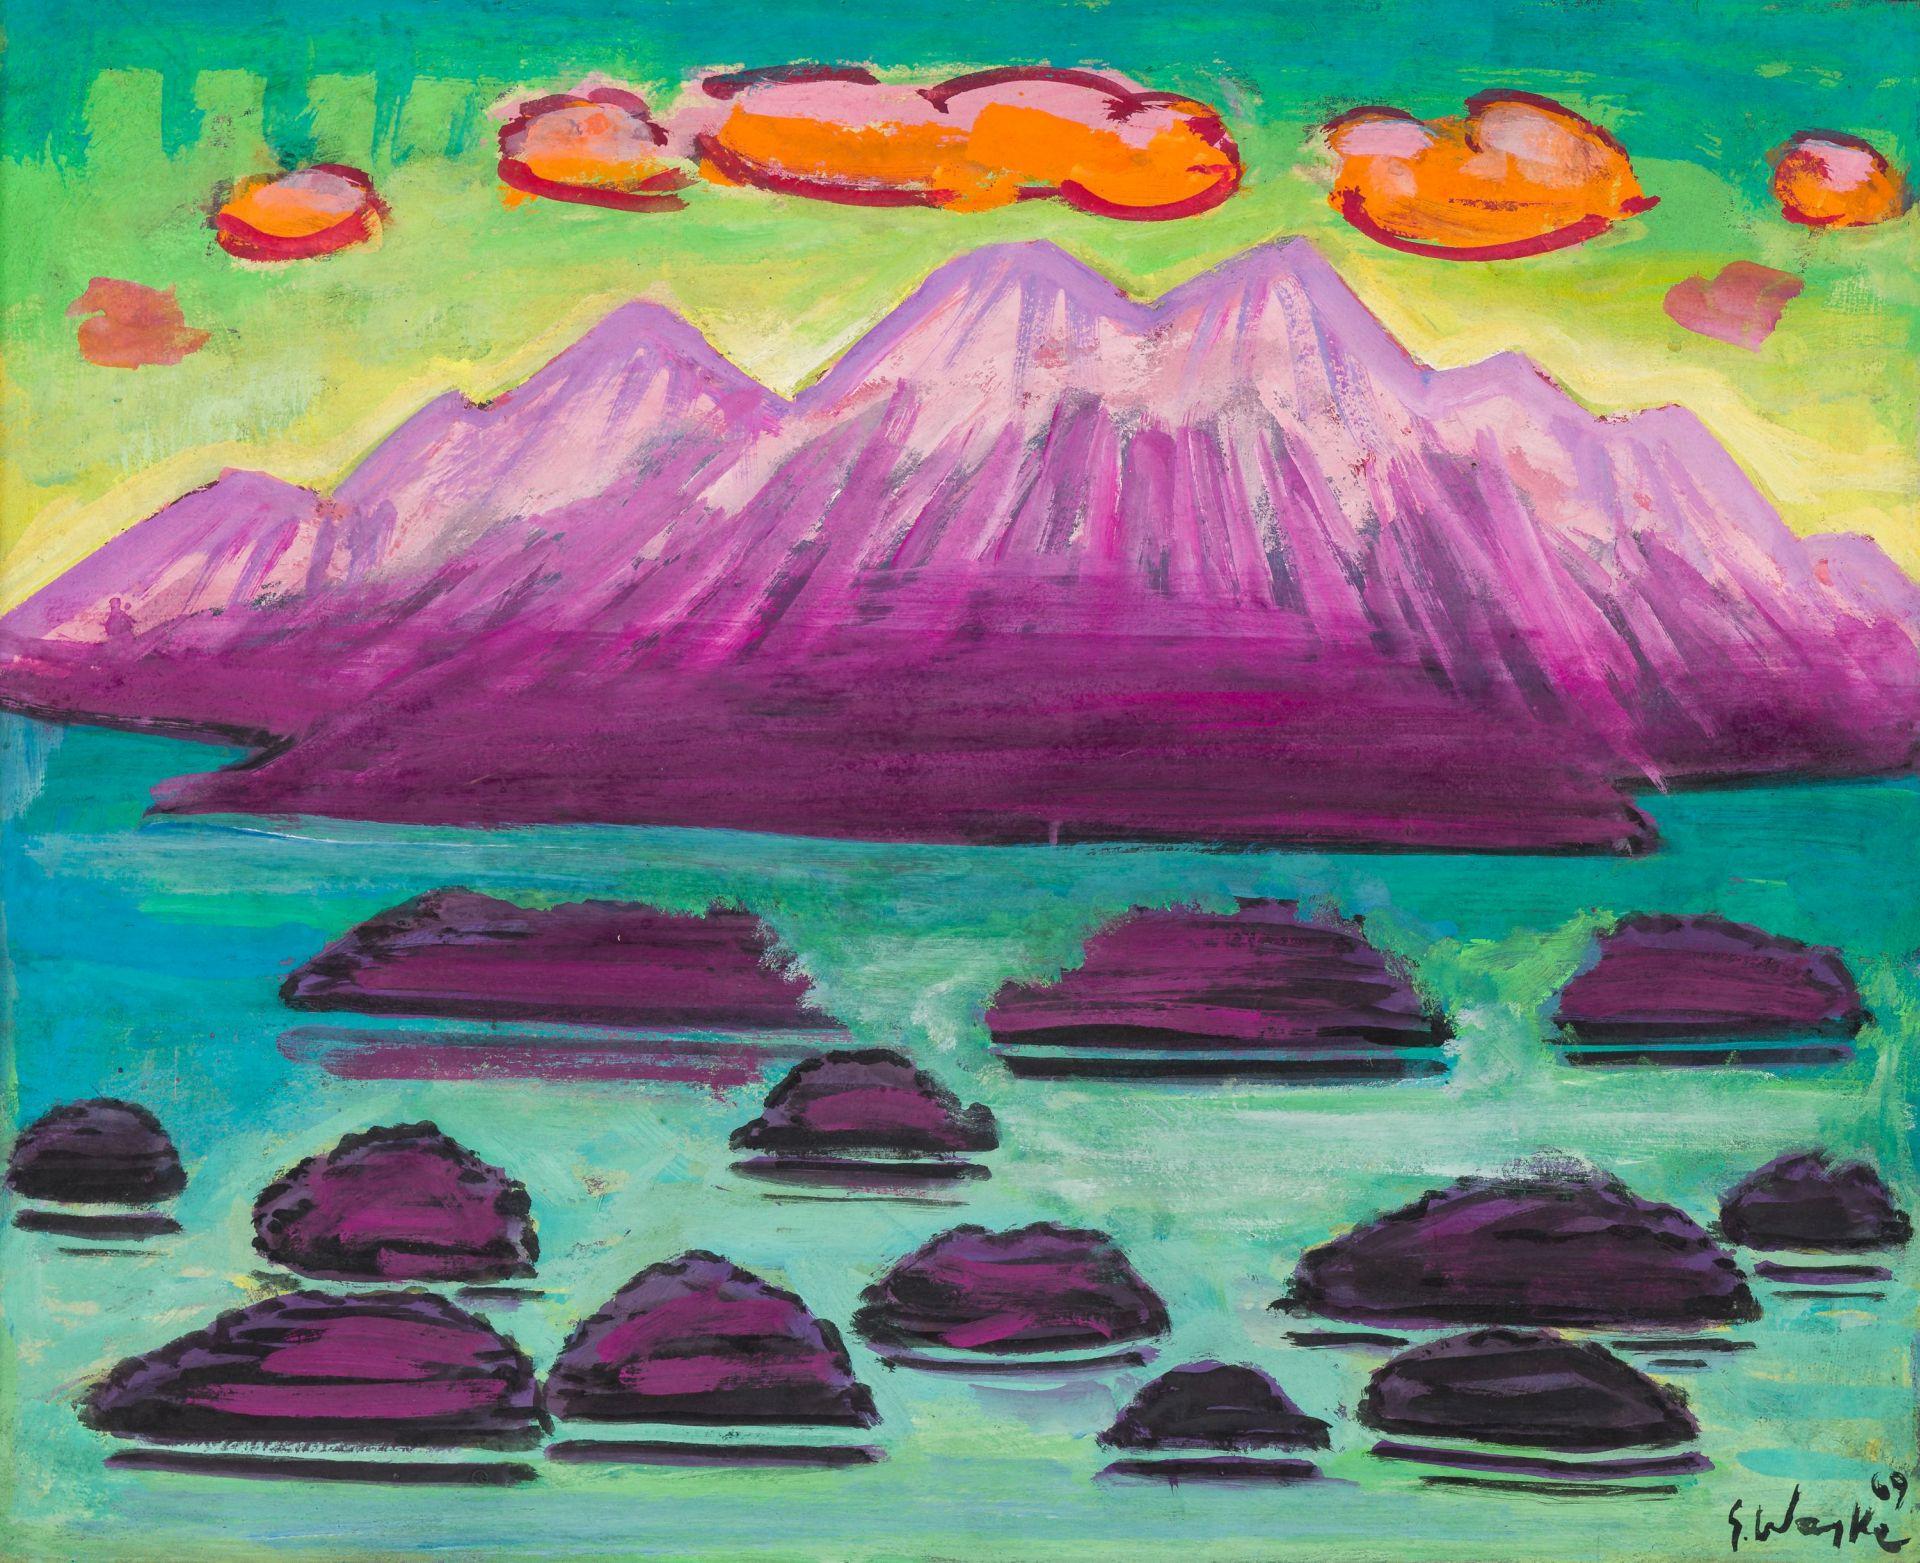 peter-griesser-www-petergriesser-com-1037